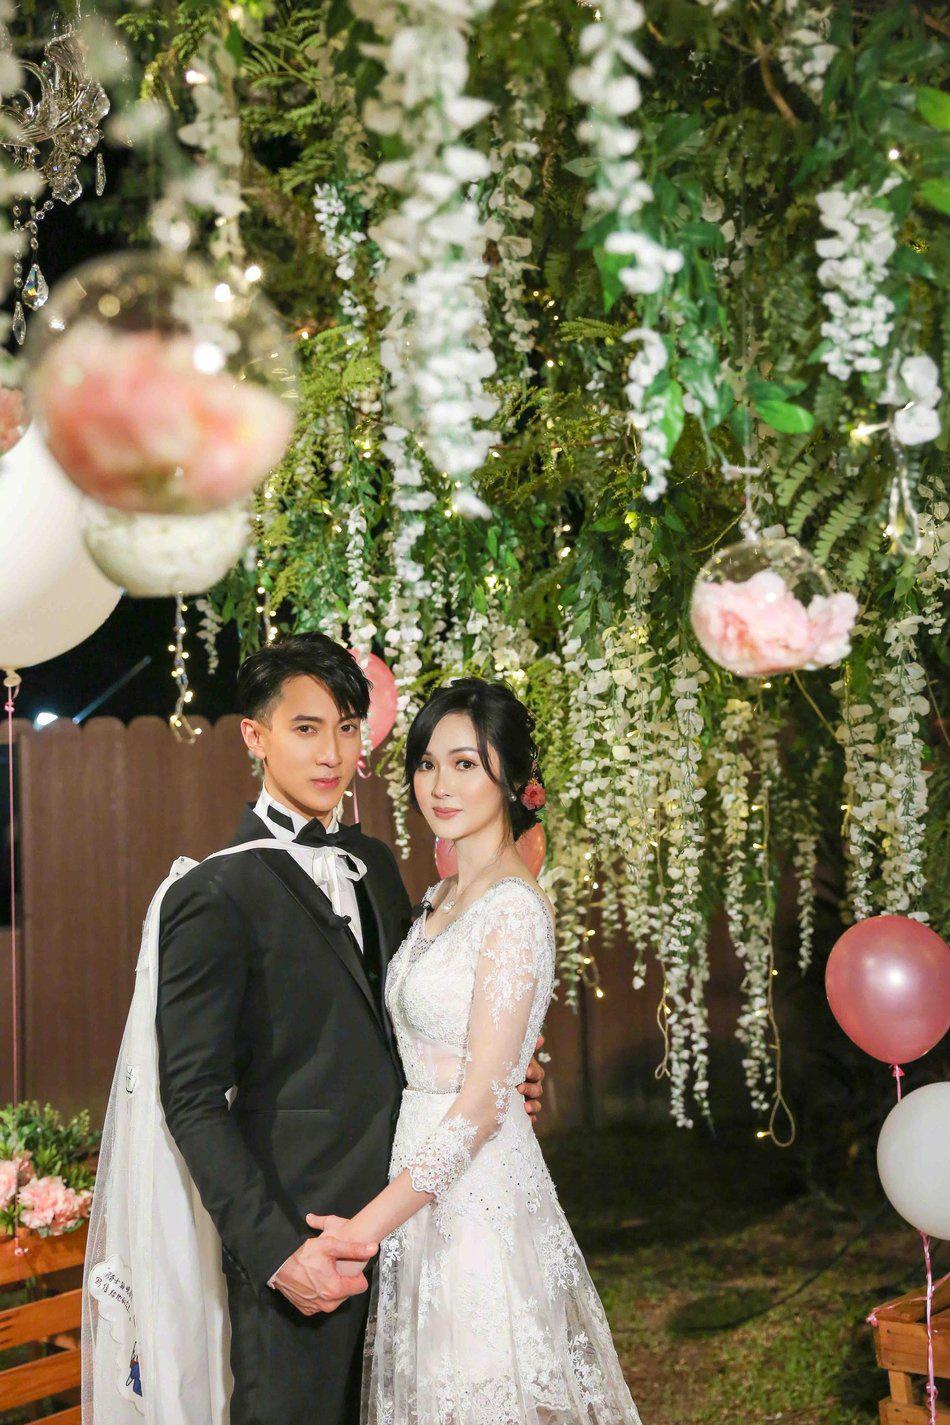 ug环球手机版下载:吴尊分享婚礼现场照 感性发文表明妻子感恩所有 第1张